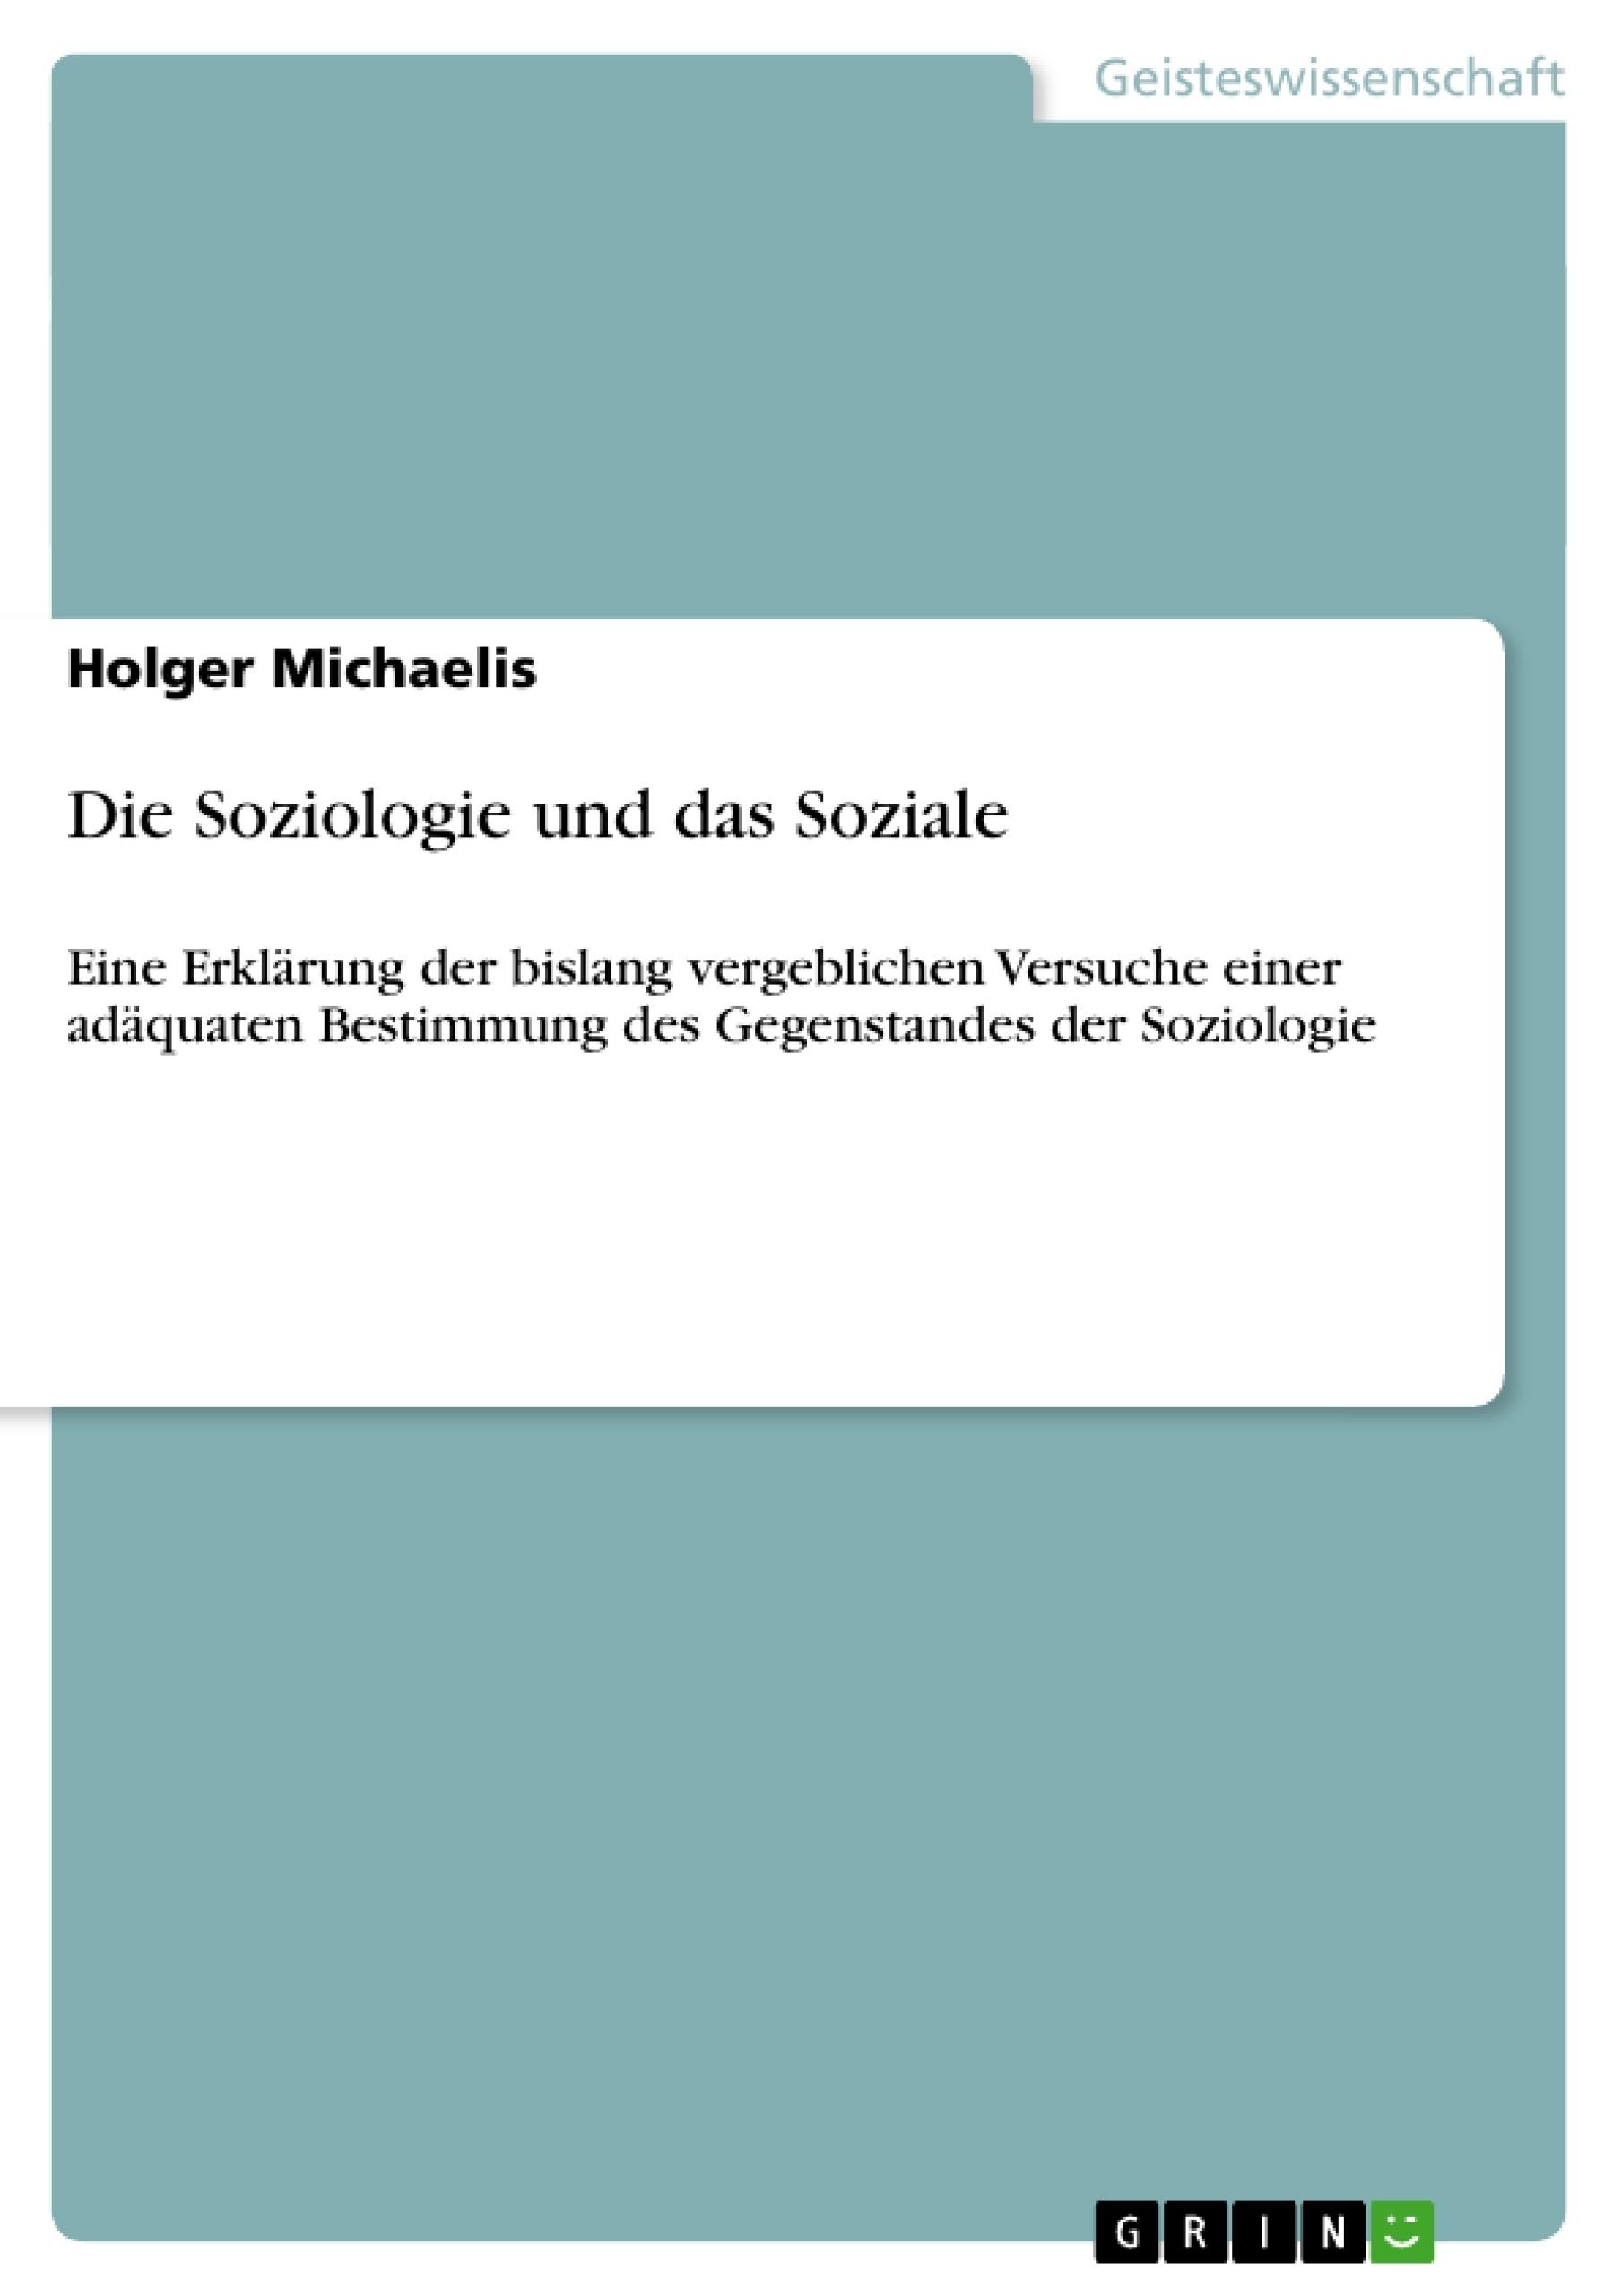 Titel: Die Soziologie und das Soziale